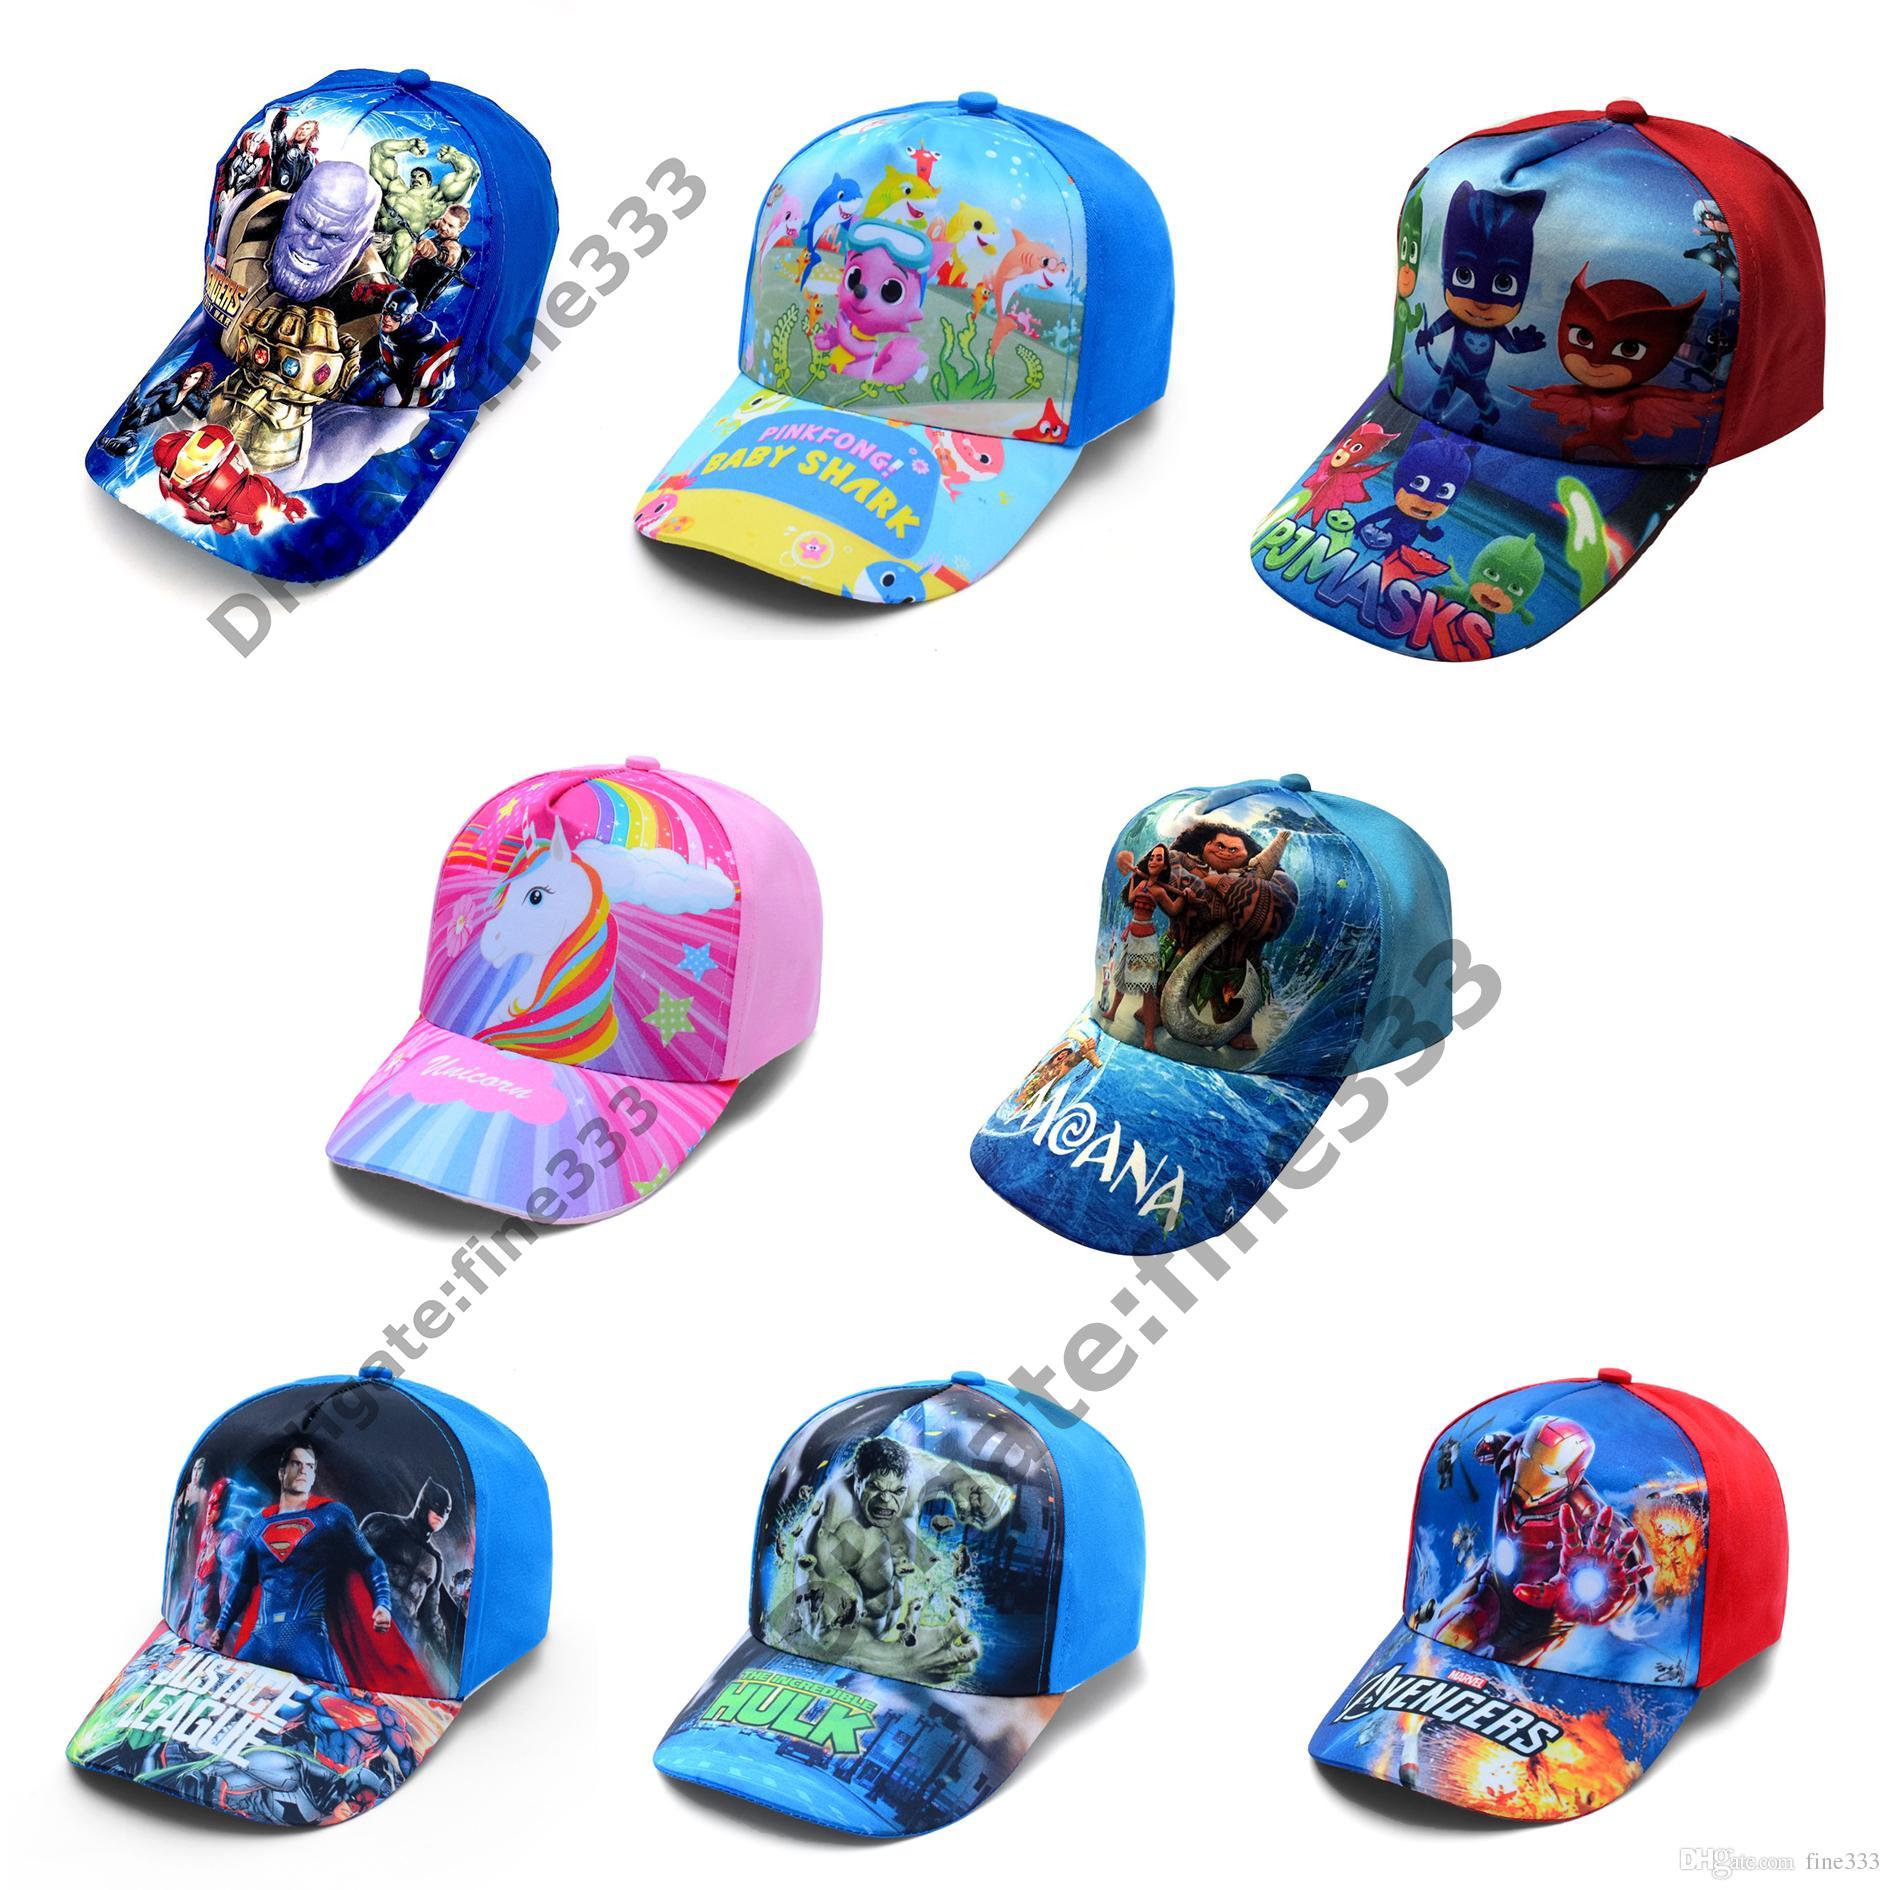 Çocuklar Troller Şapka Çocuklar Beyzbol Caps 72 tasarım Boys kız Karikatür Prenses Güneş Şapka Caps